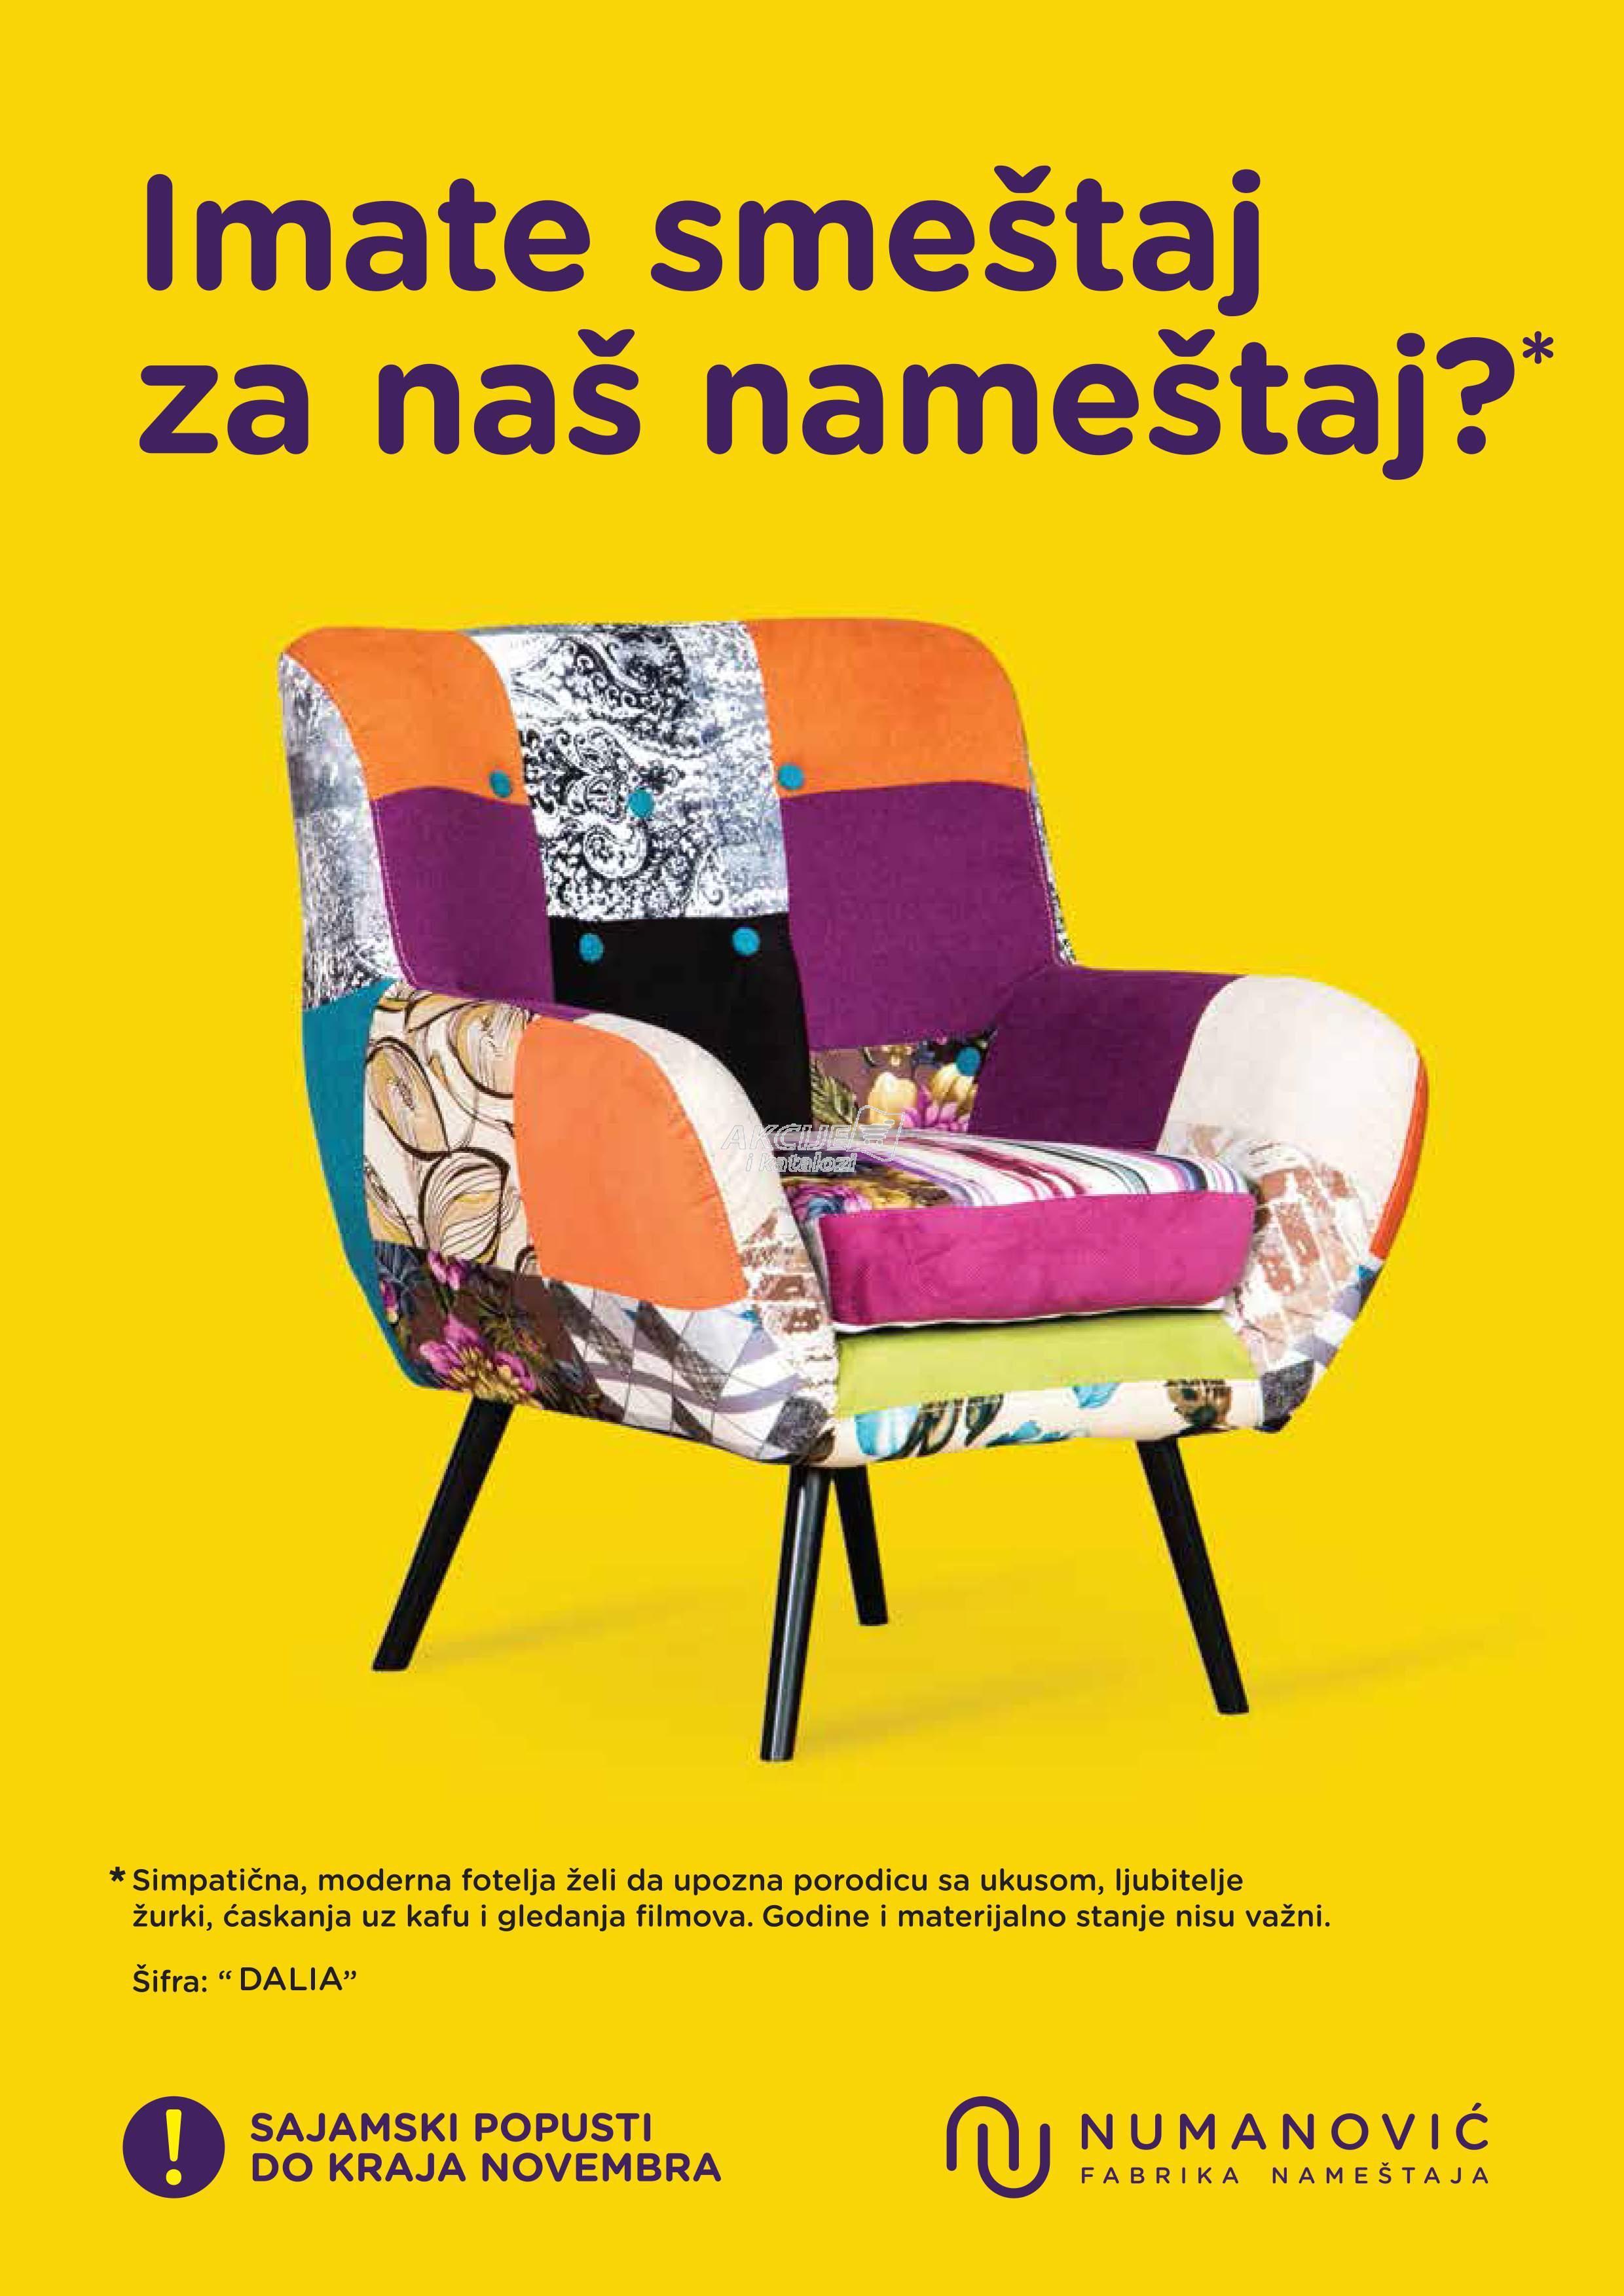 Numanović - Redovna akcija super kupovine